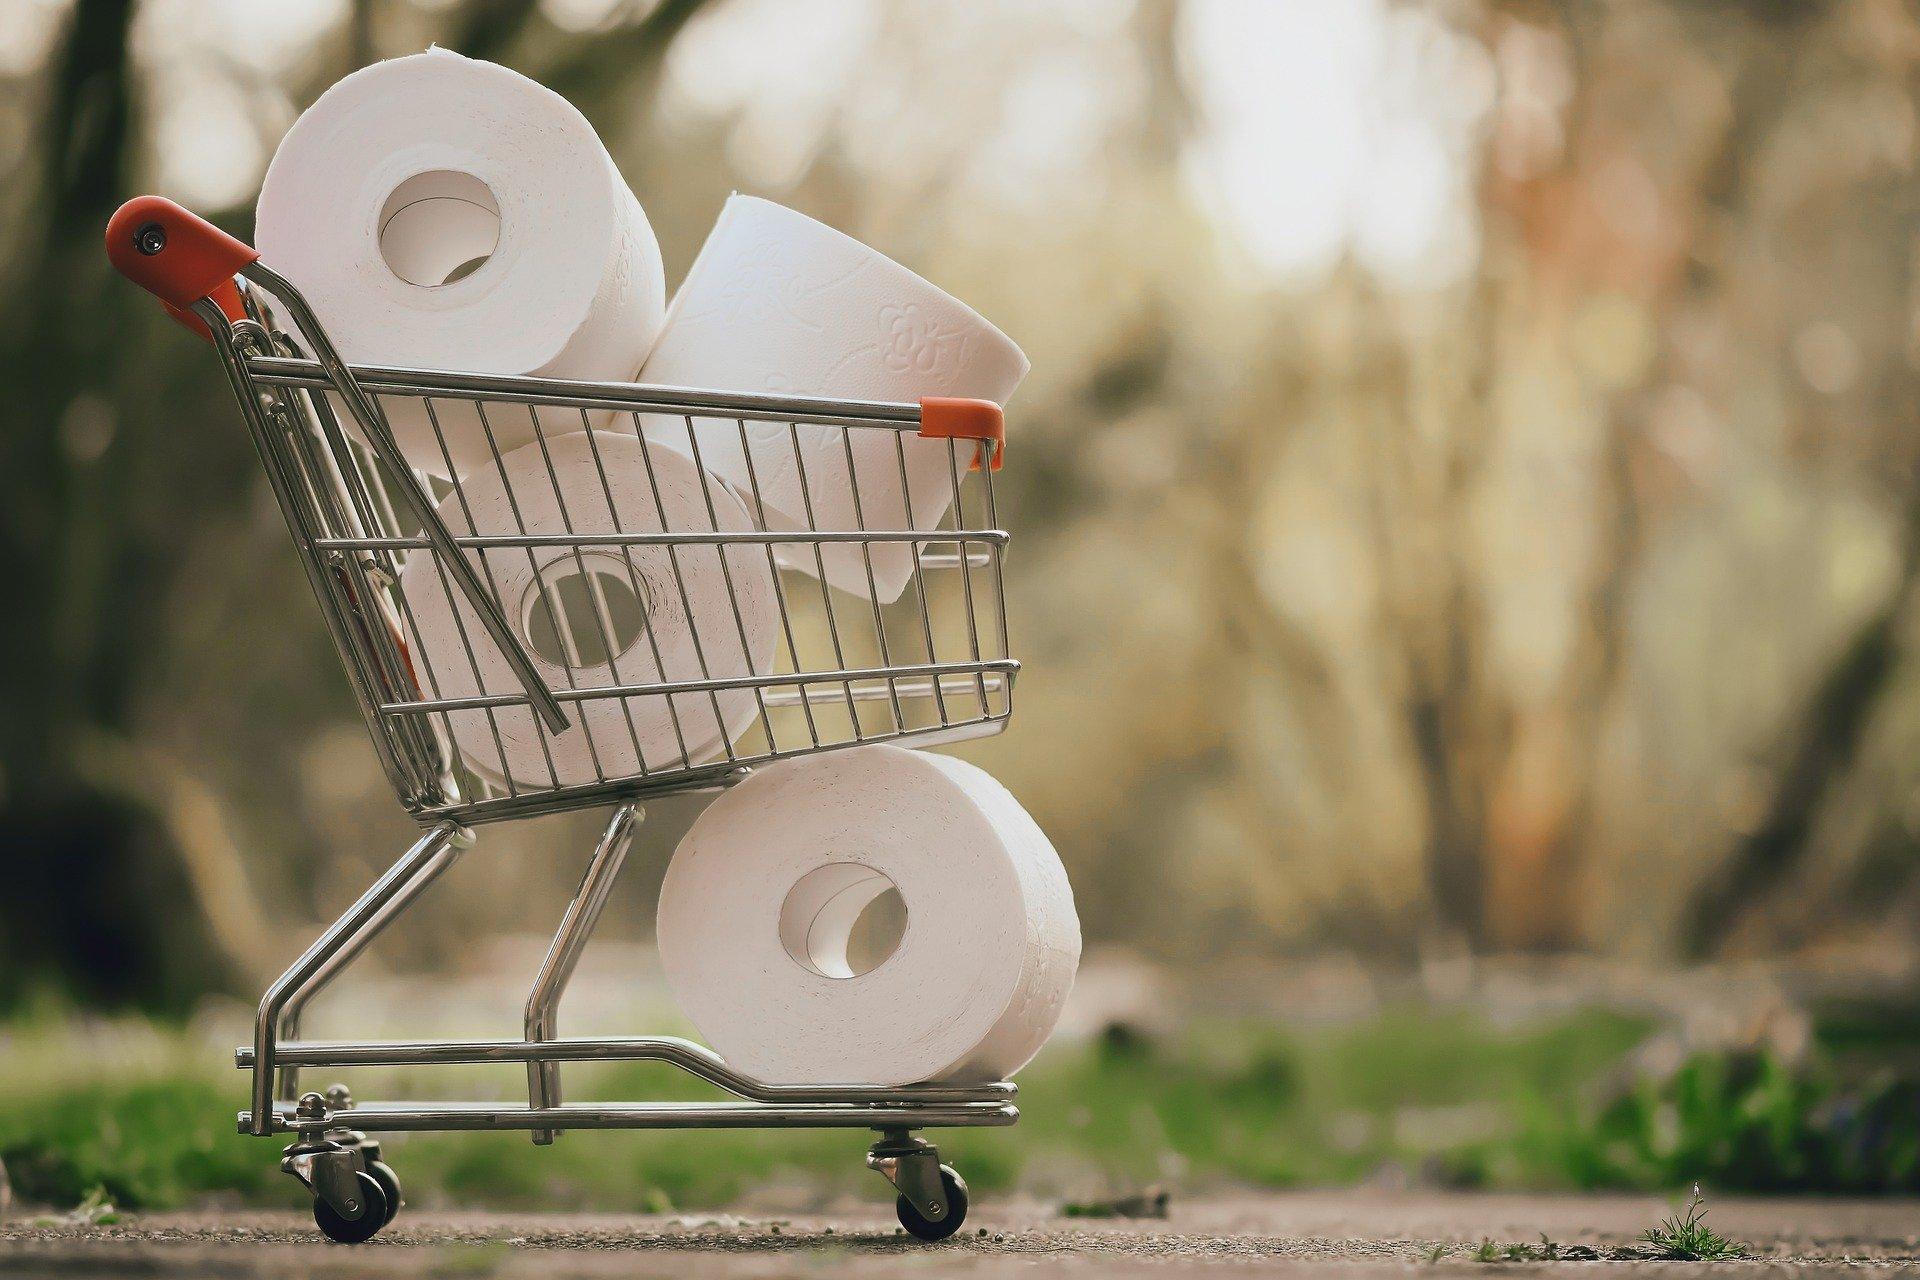 Hamsterkäufe sind vorbei: Klopapier als Indikator der Krise